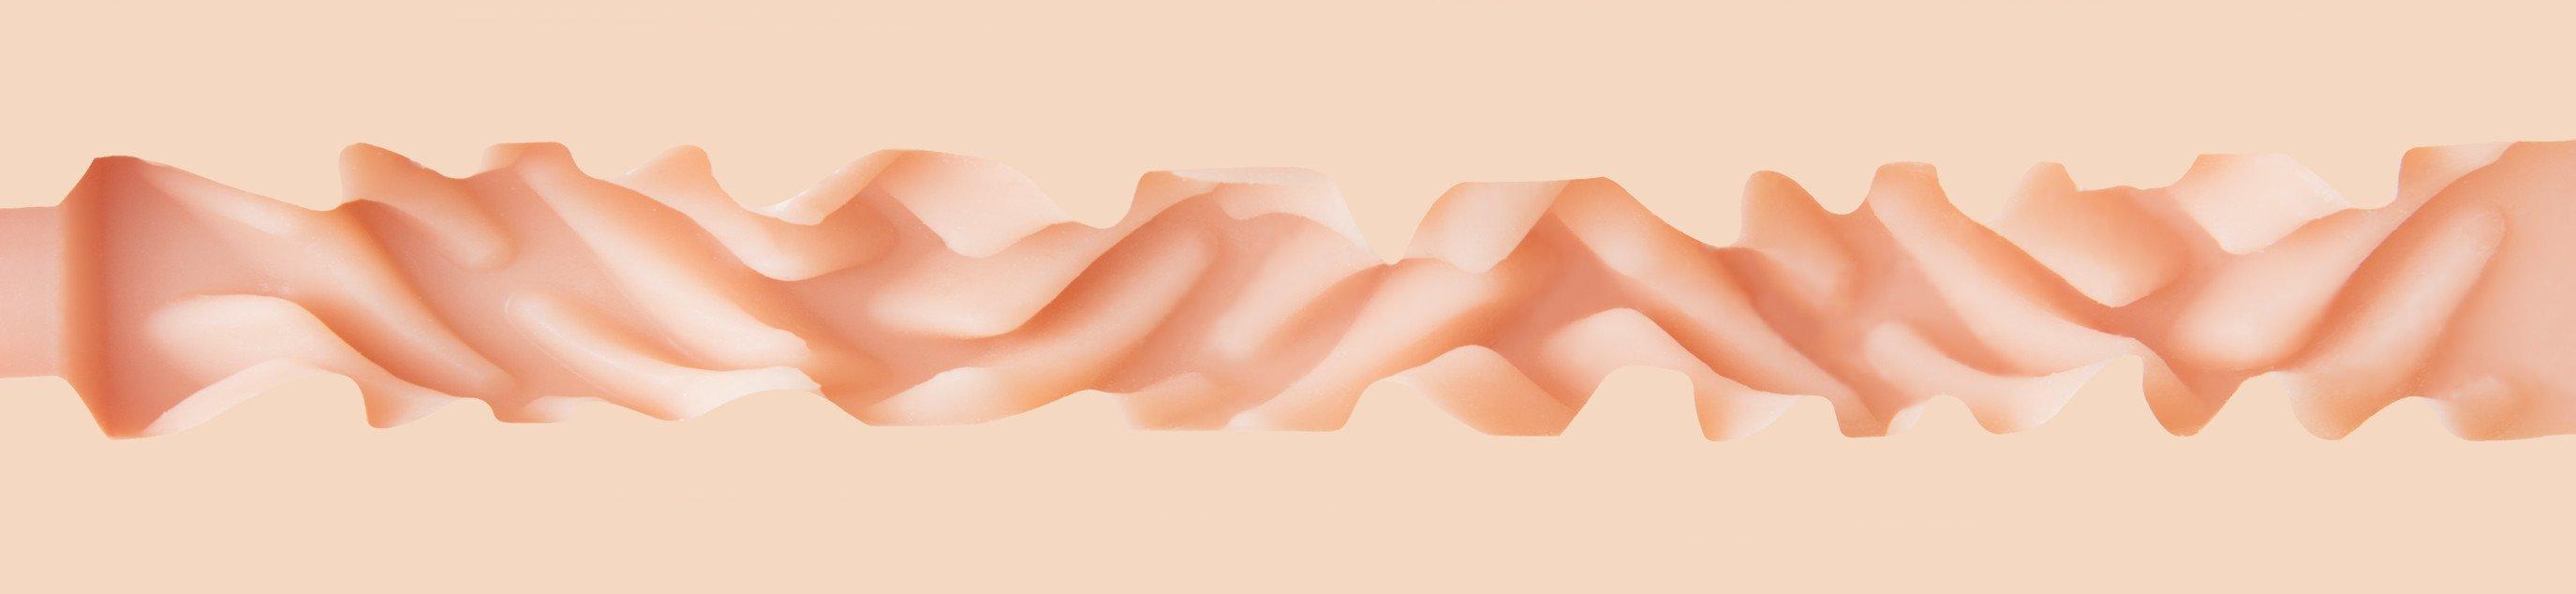 Empress Fleshlight Girls Texture Image